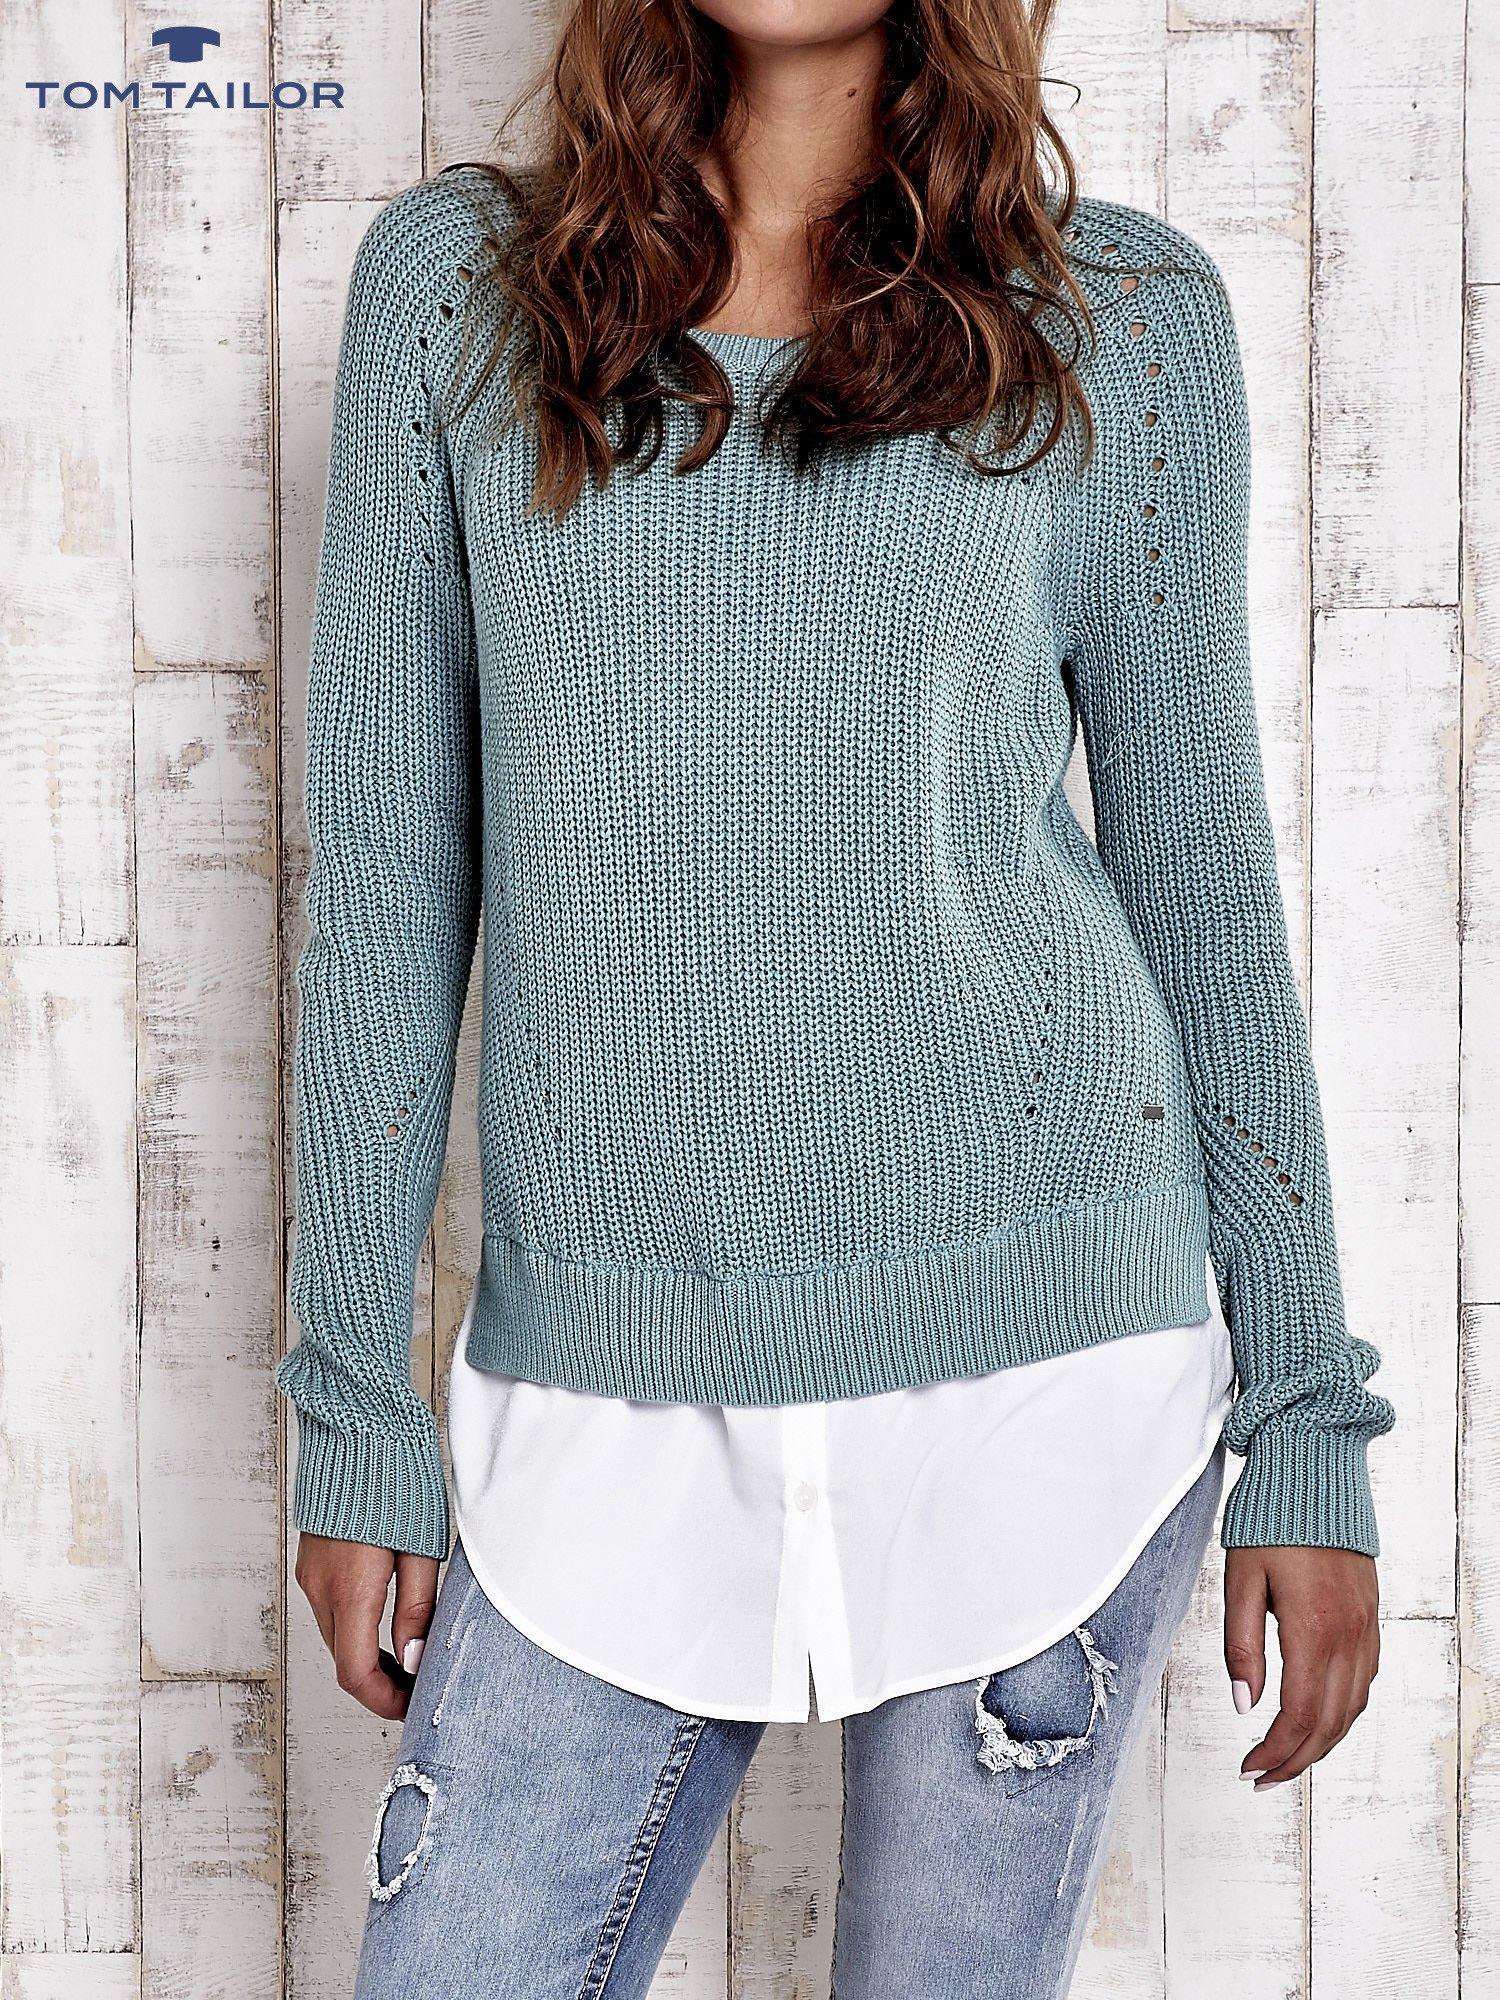 TOM TAILOR Zielony sweter z koszulą                                  zdj.                                  2